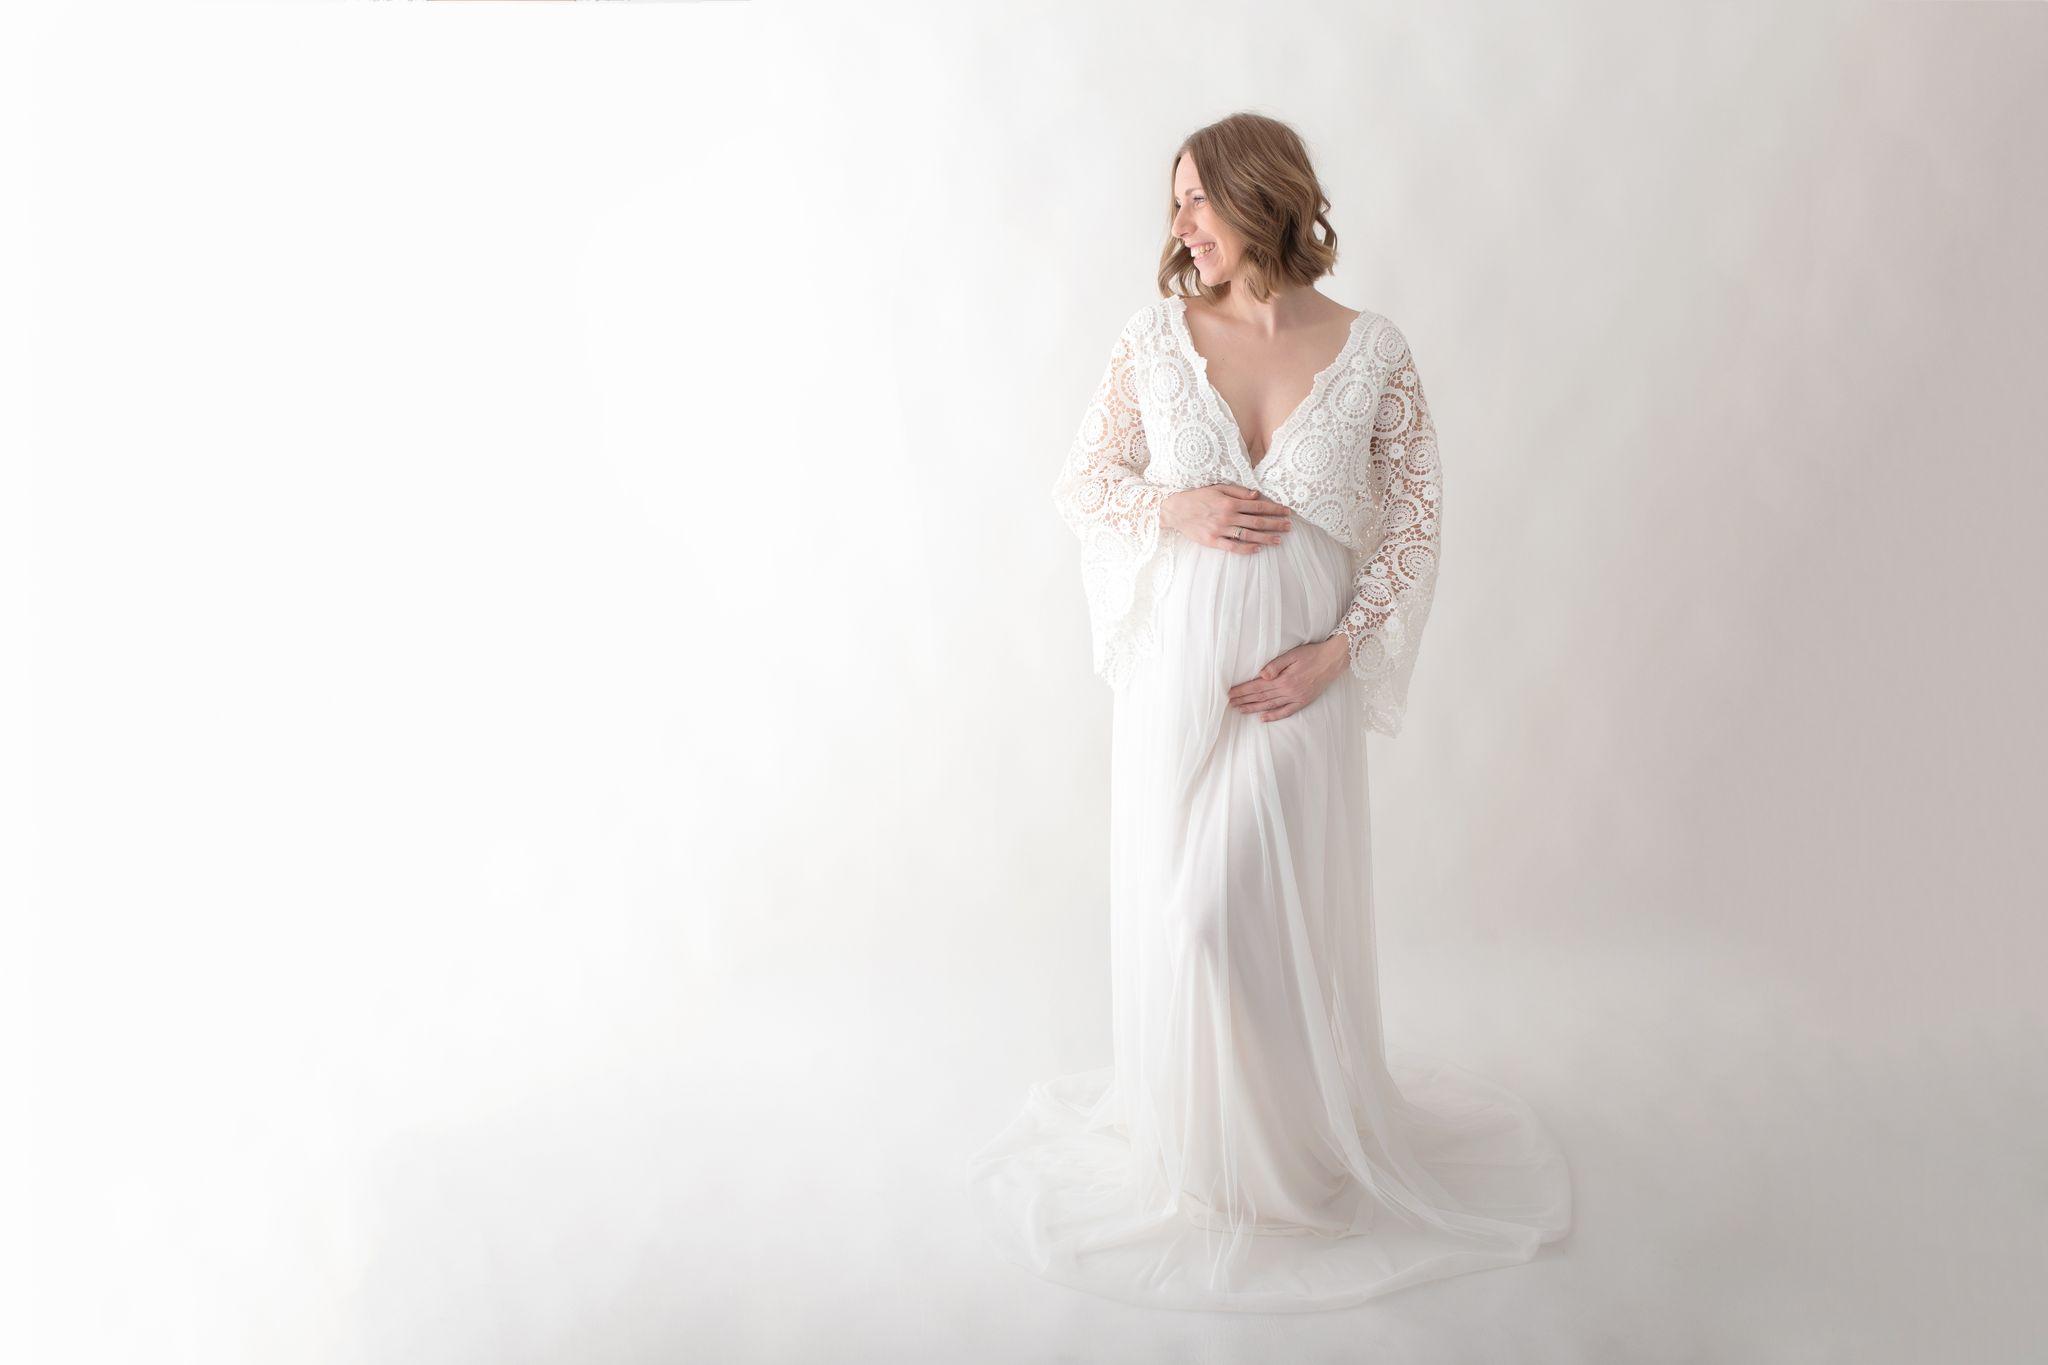 Schwangere im weißen handgeschneiderten Spitzen Babybauchkleid ziert das Titelbild der Fotoshooting Grundpreise